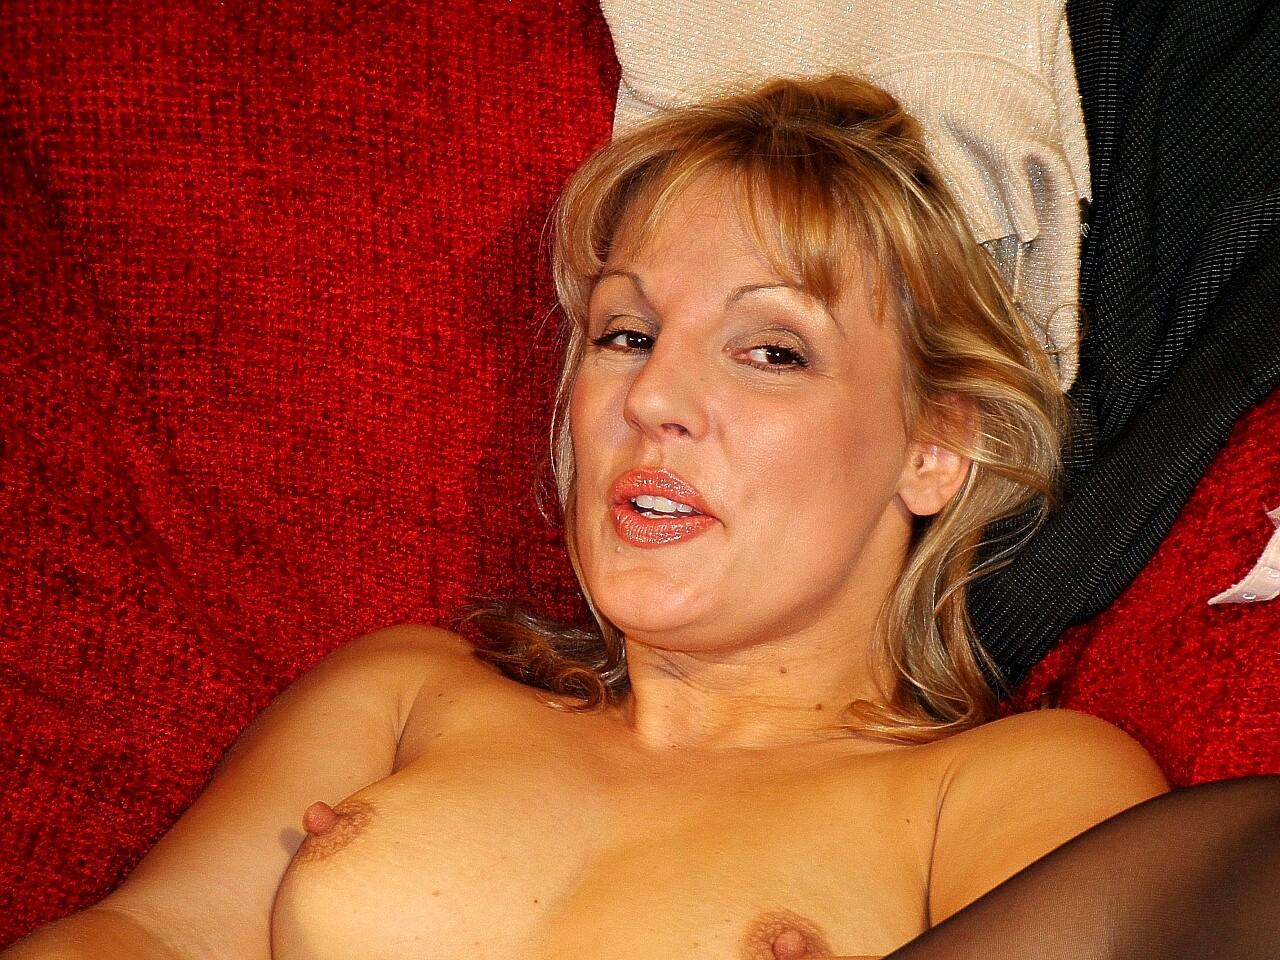 Sex hq mobile pics mature nl danielle mannaken models housewife porn vod